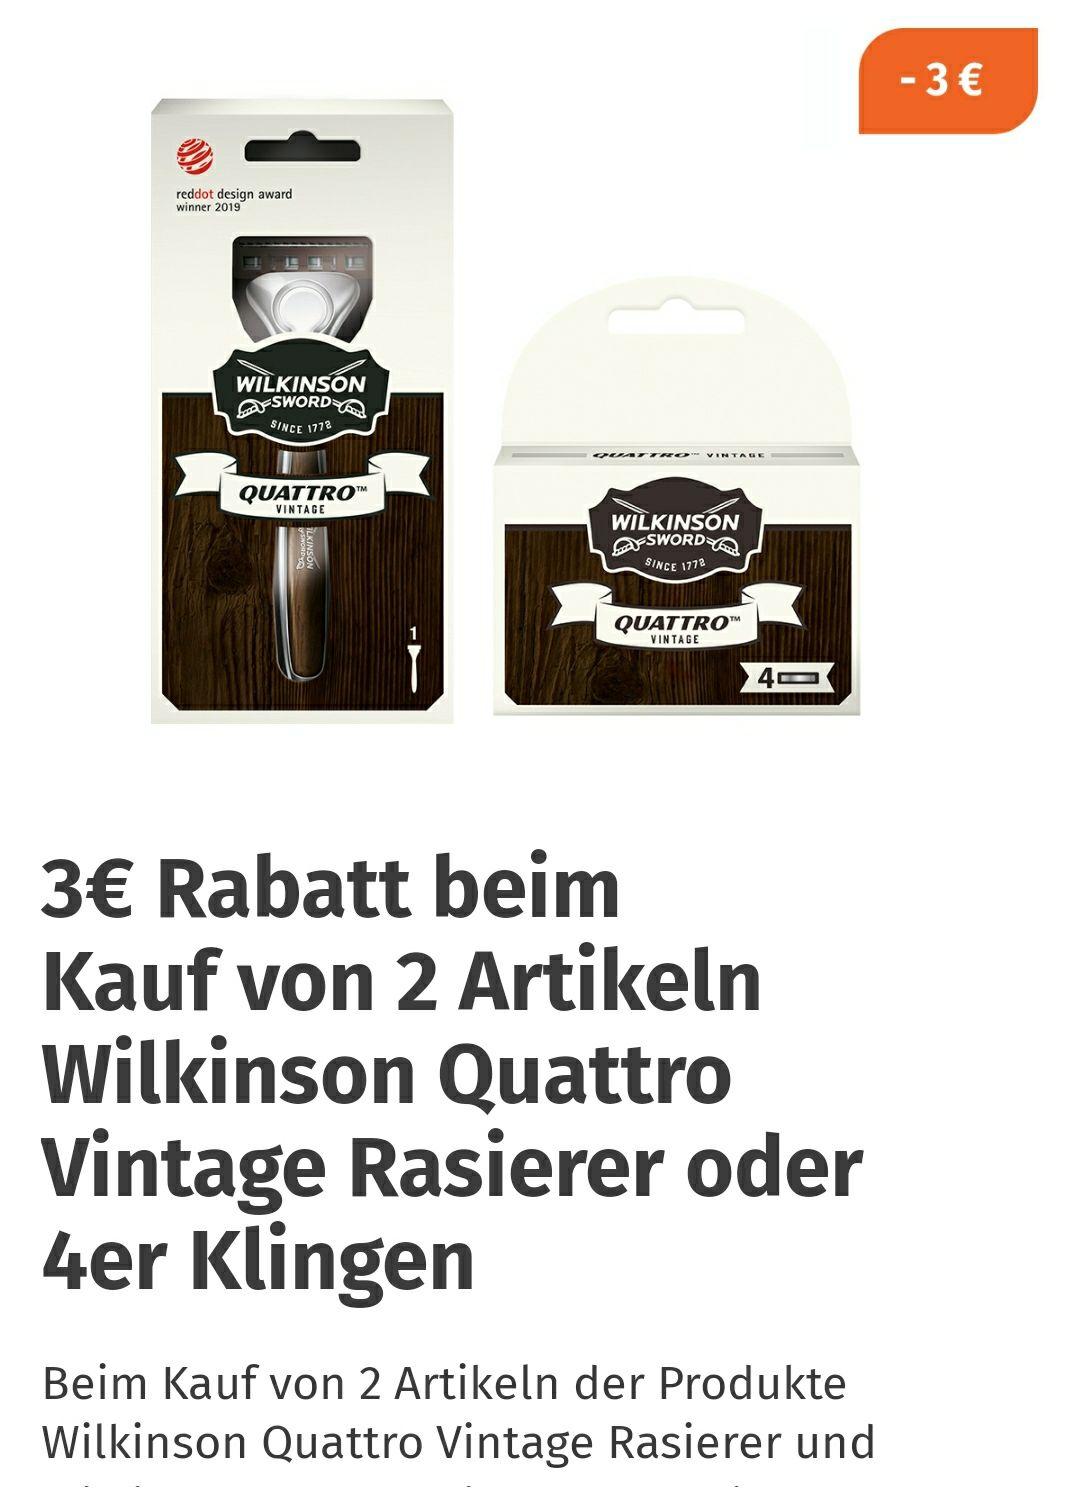 3 Euro Sofortrabatt auf 2 Wilkinson Quattro Vintage-Artikel